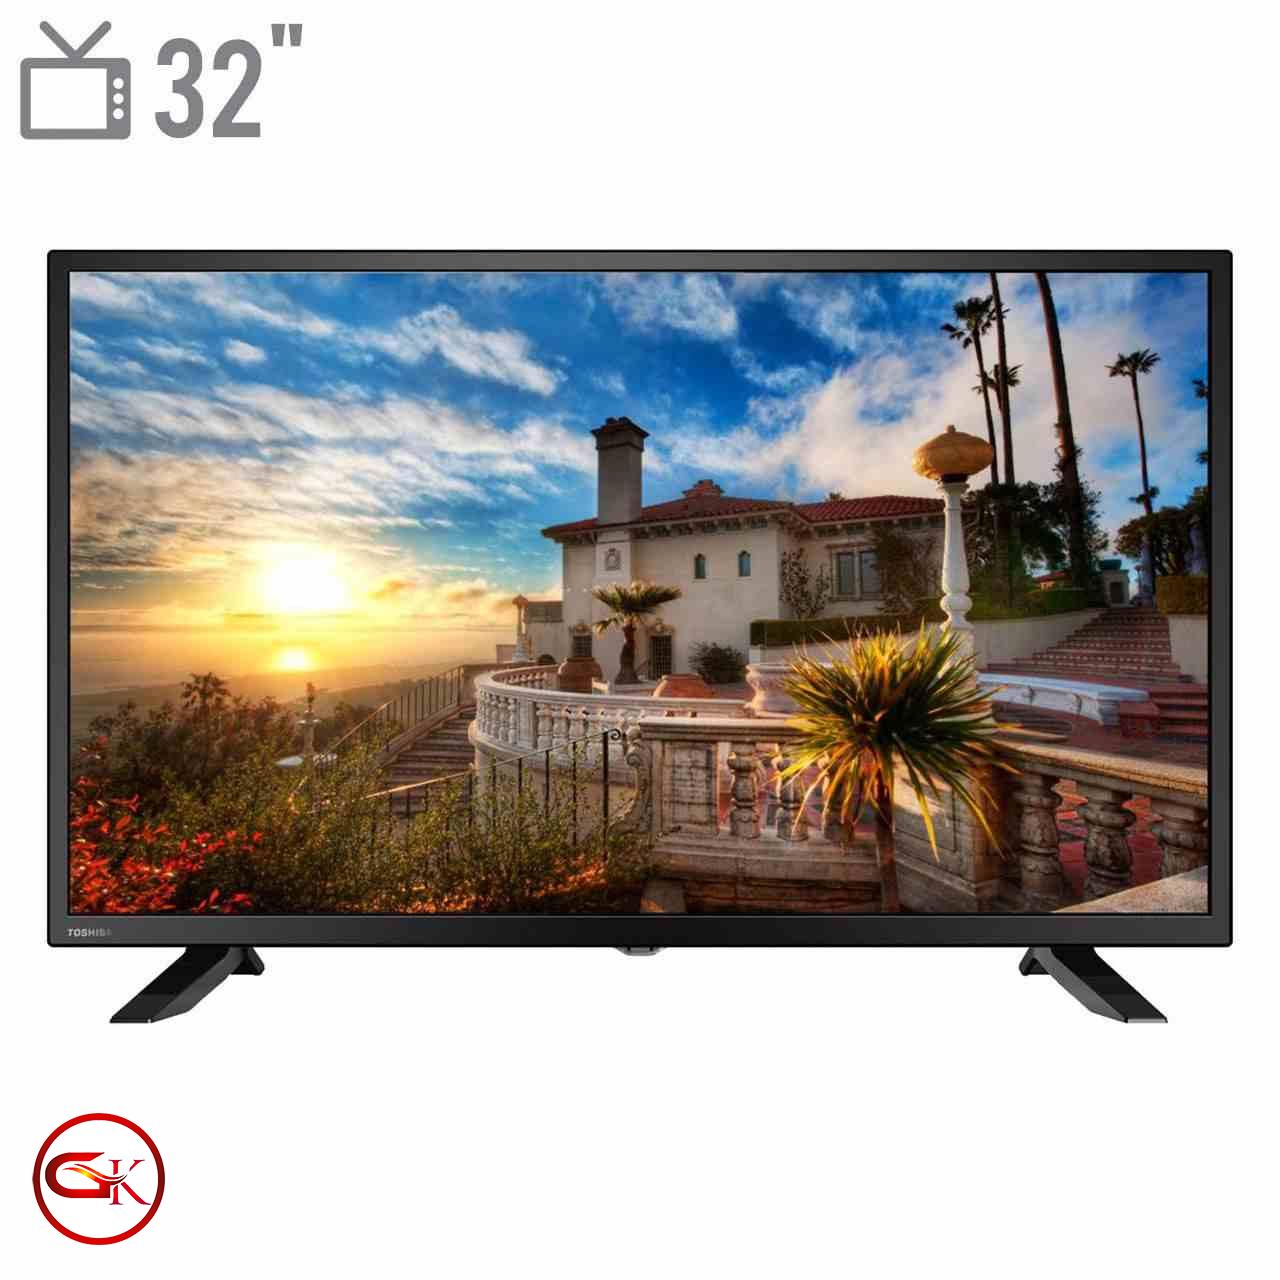 تلویزیون32اینچ سامسونگ ال ای دی مدل 32N5550 فروش اقساطی